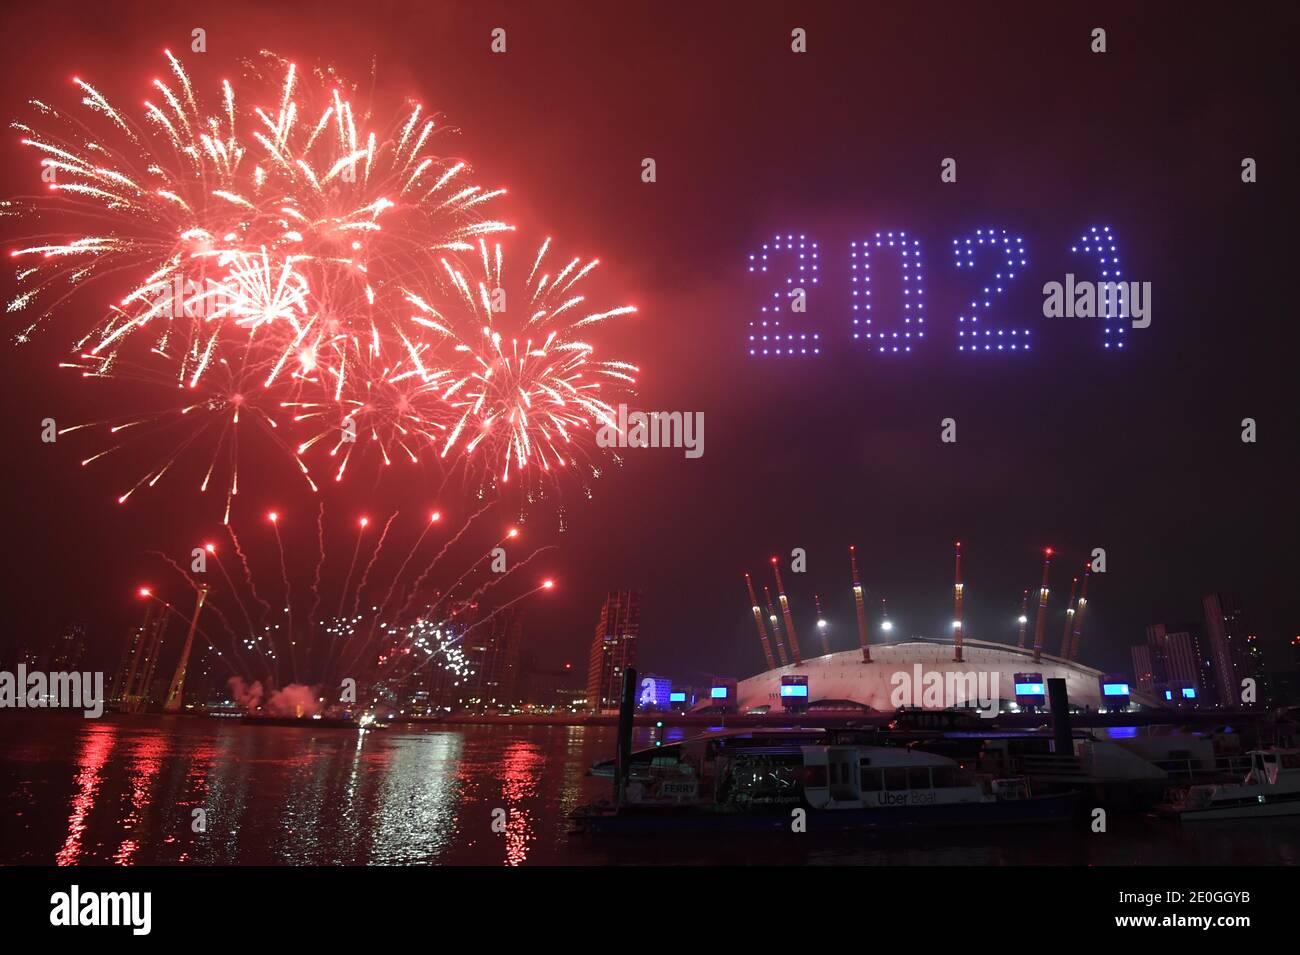 Los fuegos artificiales y los aviones teledirigidos iluminan el cielo nocturno sobre el O2 en Londres, ya que forman una pantalla de luz, ya que el despliegue normal de fuegos artificiales de la víspera de año Nuevo de Londres fue cancelado debido a la pandemia del coronavirus. Foto de stock